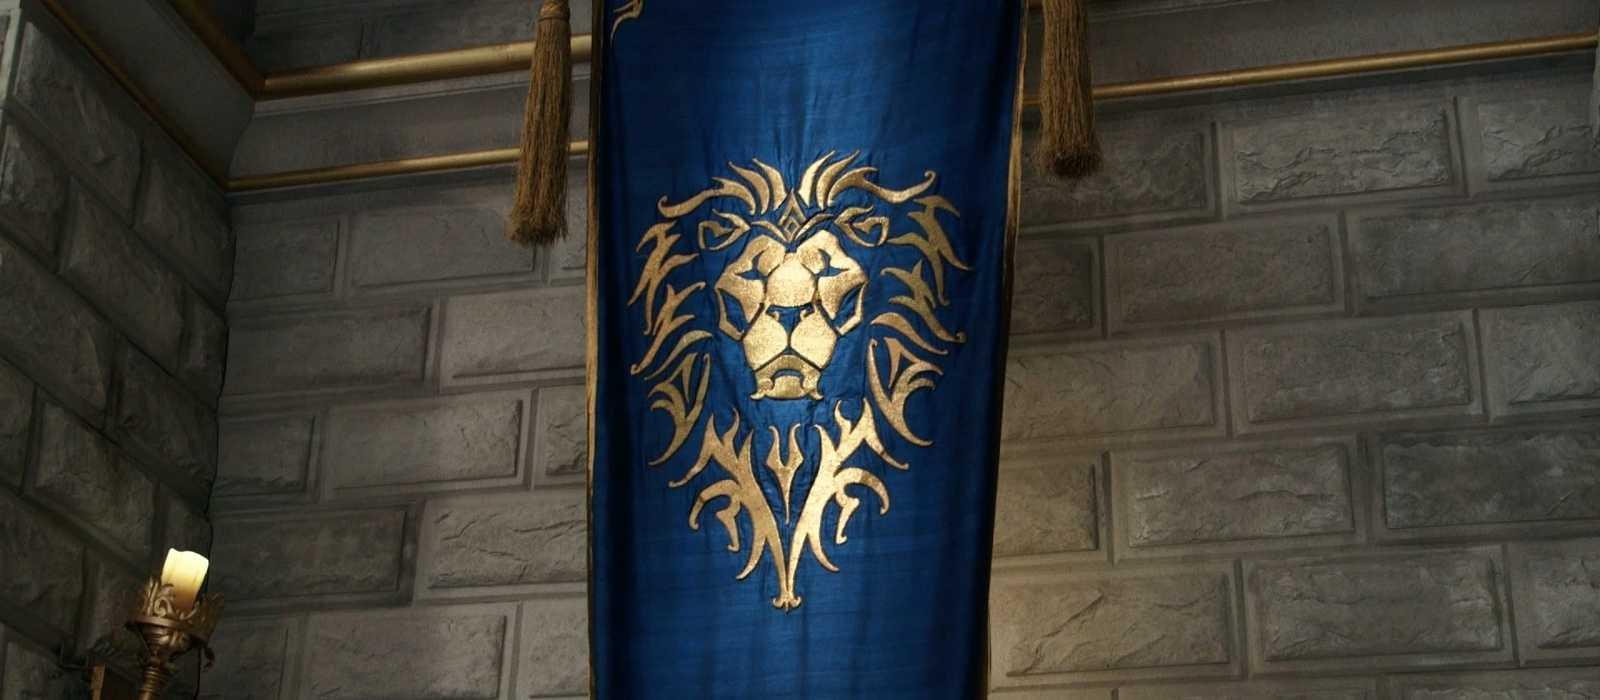 Wer wird dich beschützen - die Allianz oder die Horde? Blizzard bietet Themenmasken an